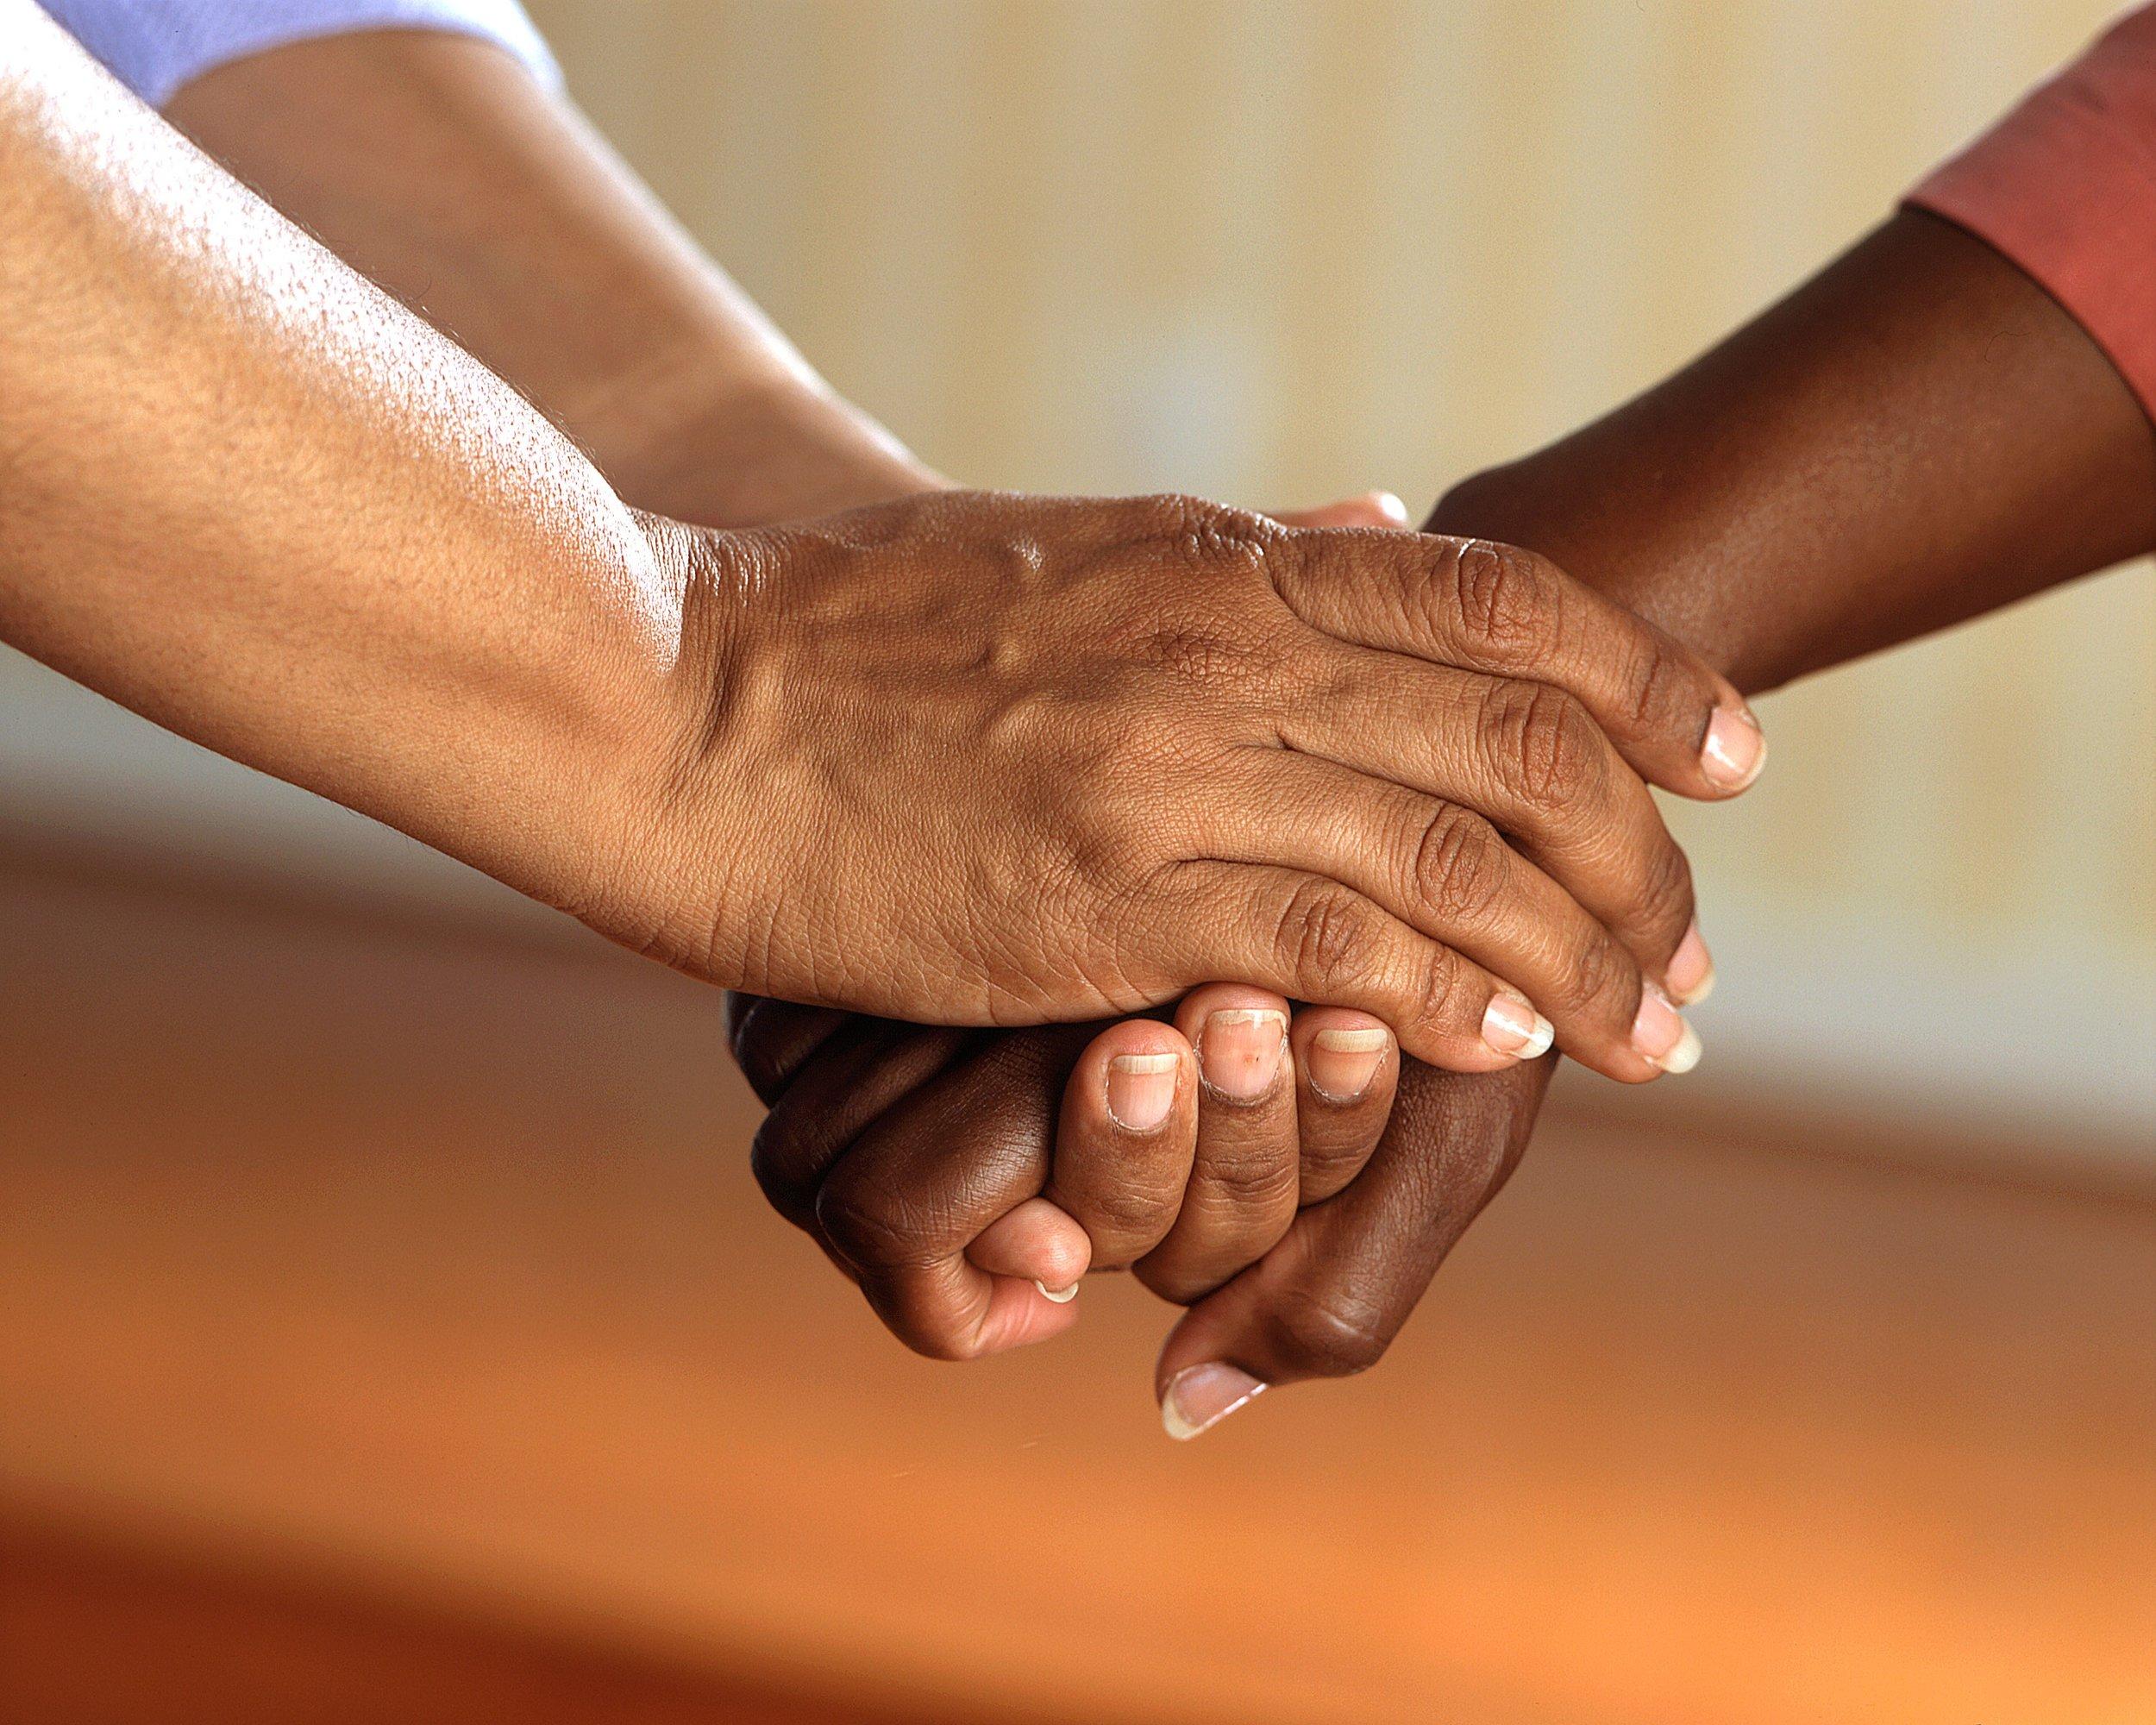 clasped-hands-comfort-hands-people-45842.jpg